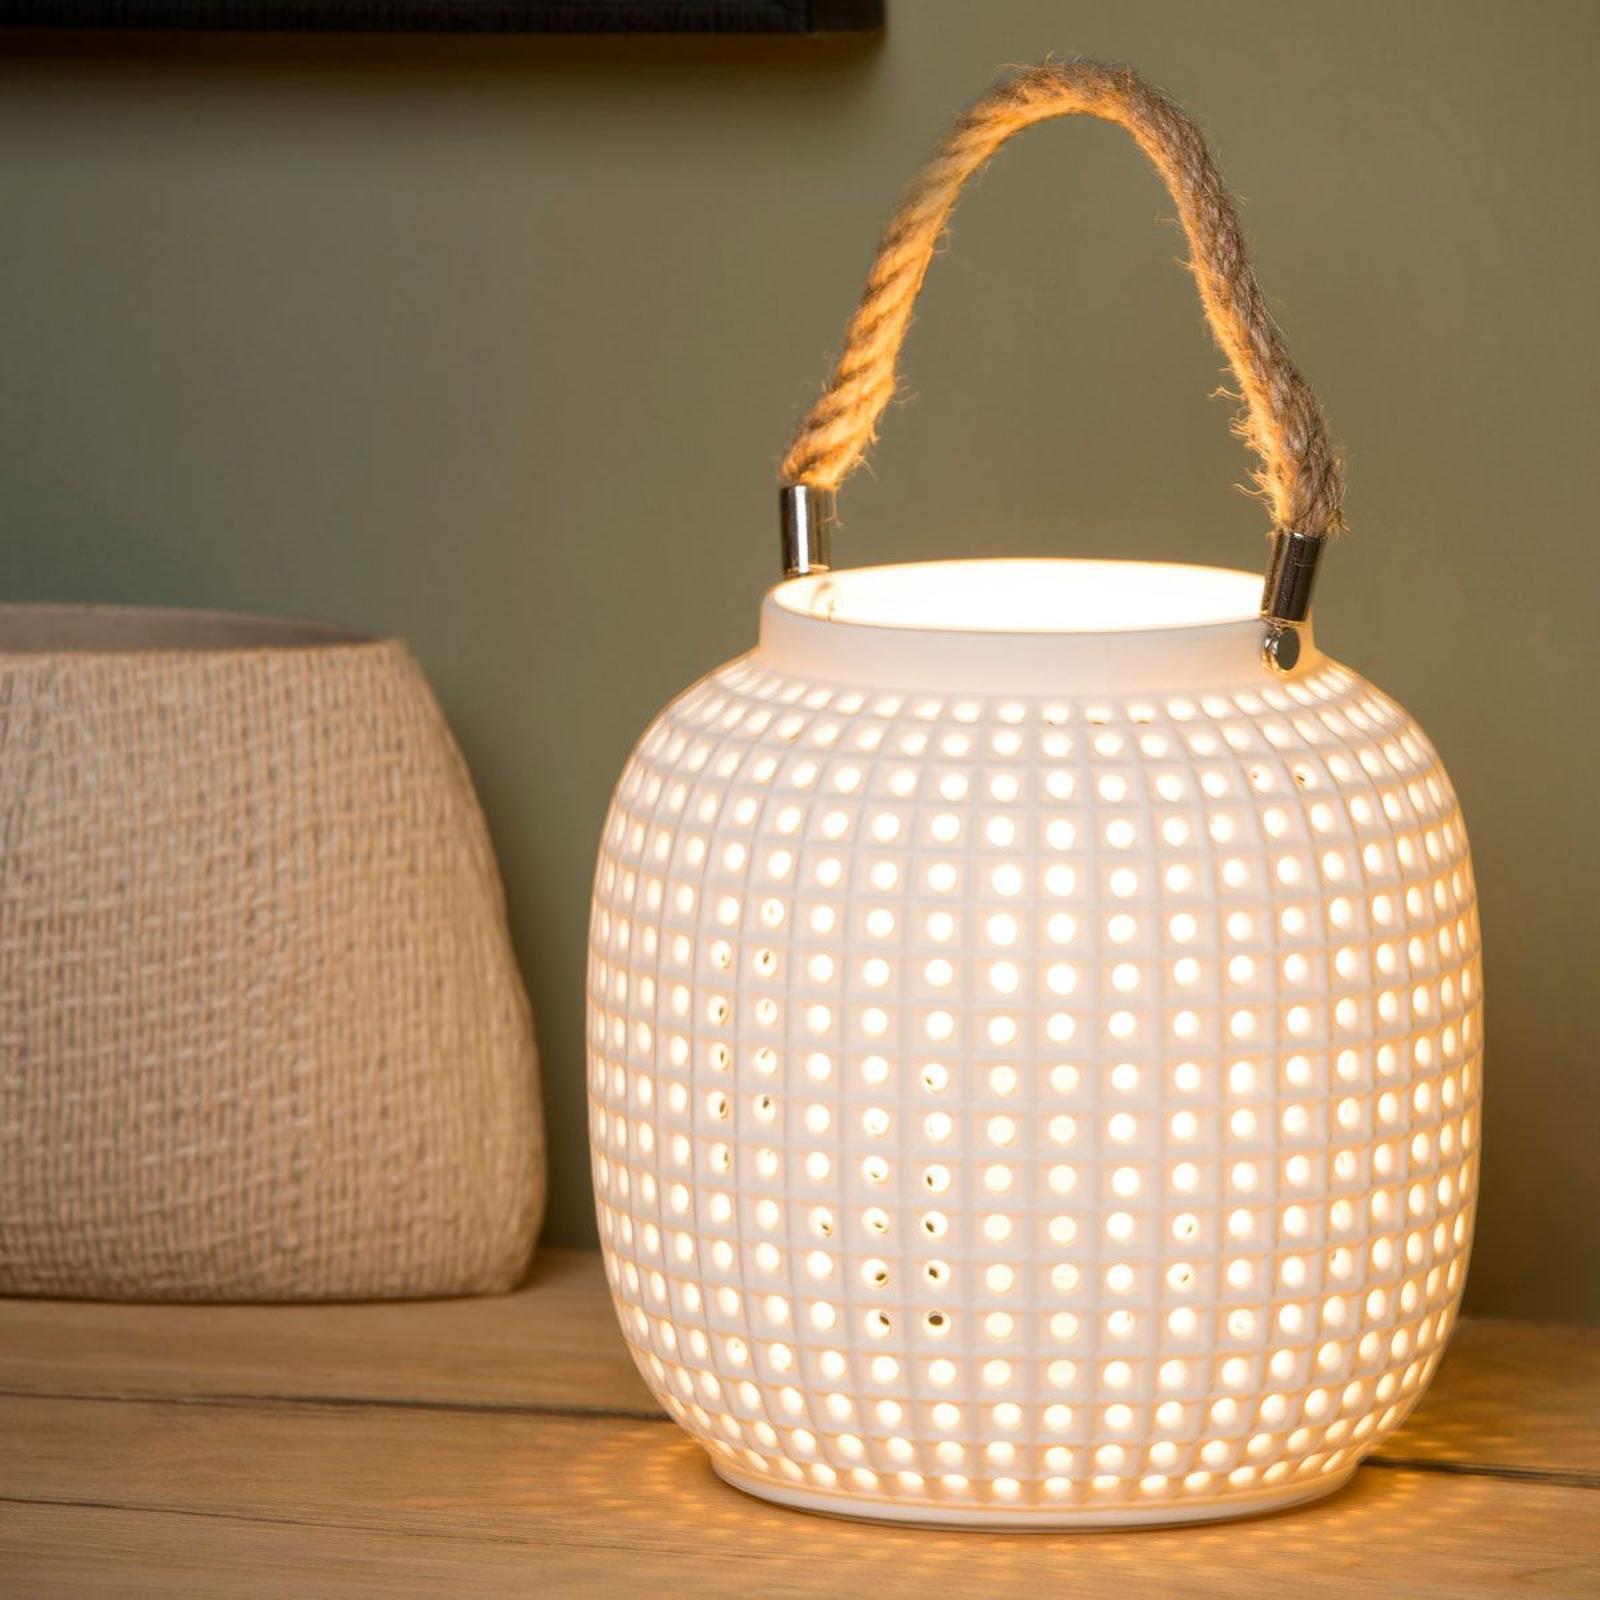 Bordslampa Safiya av porslin, vit